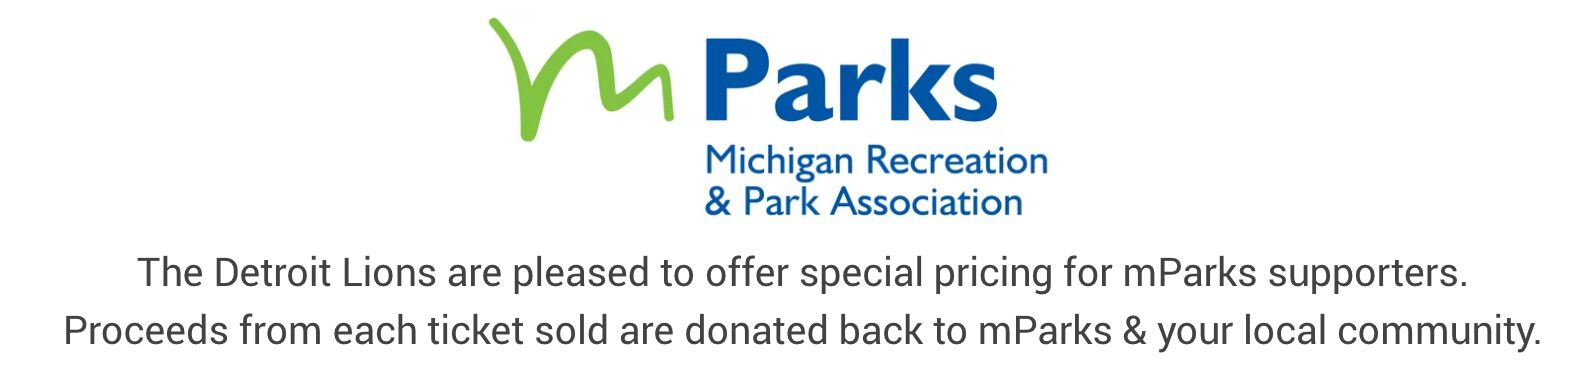 mParks-logo-header